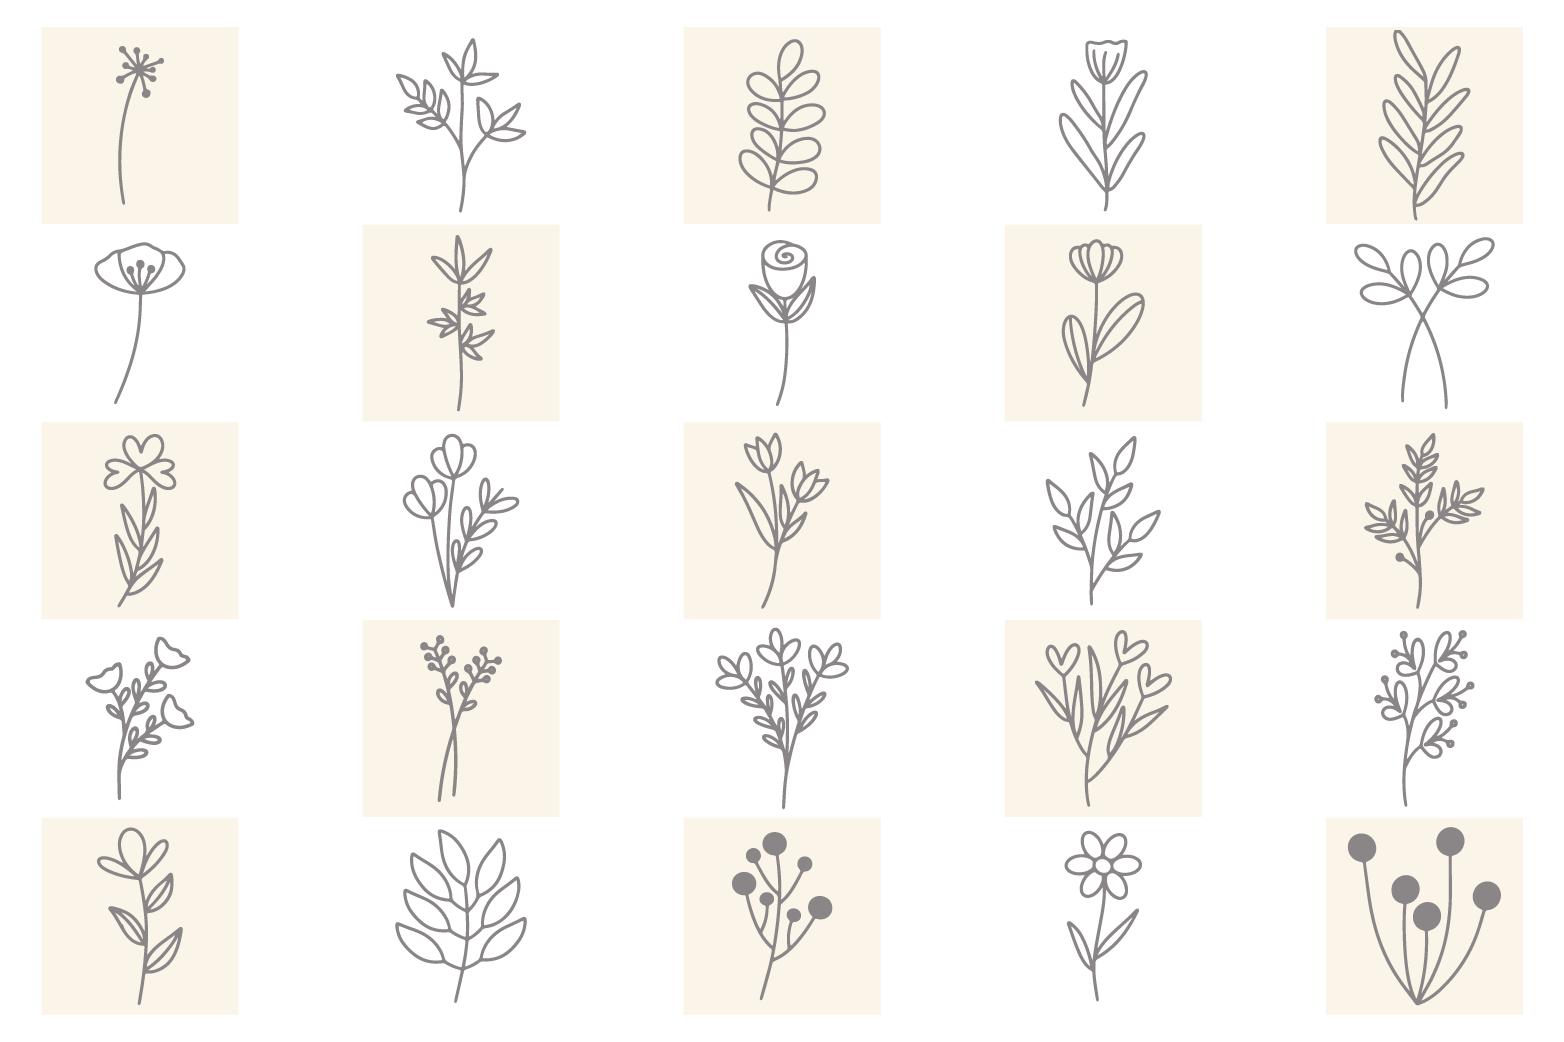 50 Free Floral Vectors Download